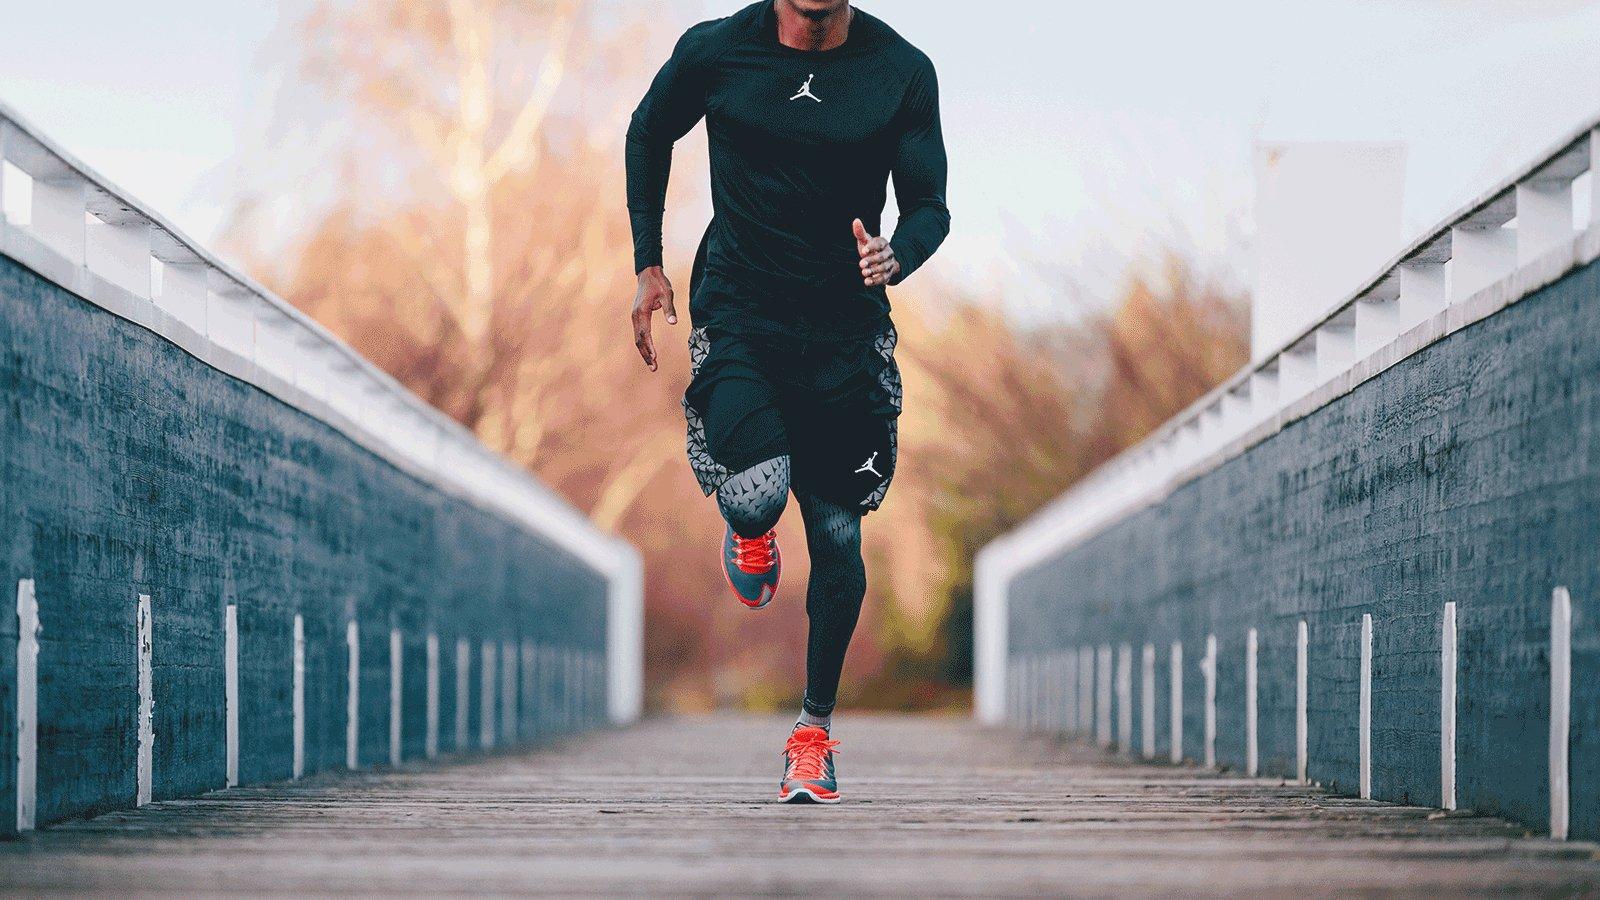 ٢٠٢١٠٢٢٥ ١٩٠٥٤٦ - #دراسة : ممارسة الرياضة تعزز هرمون التستوستيرون لدى الرجال وليس مكملات الهرمون.   #العبدلي_نيوز